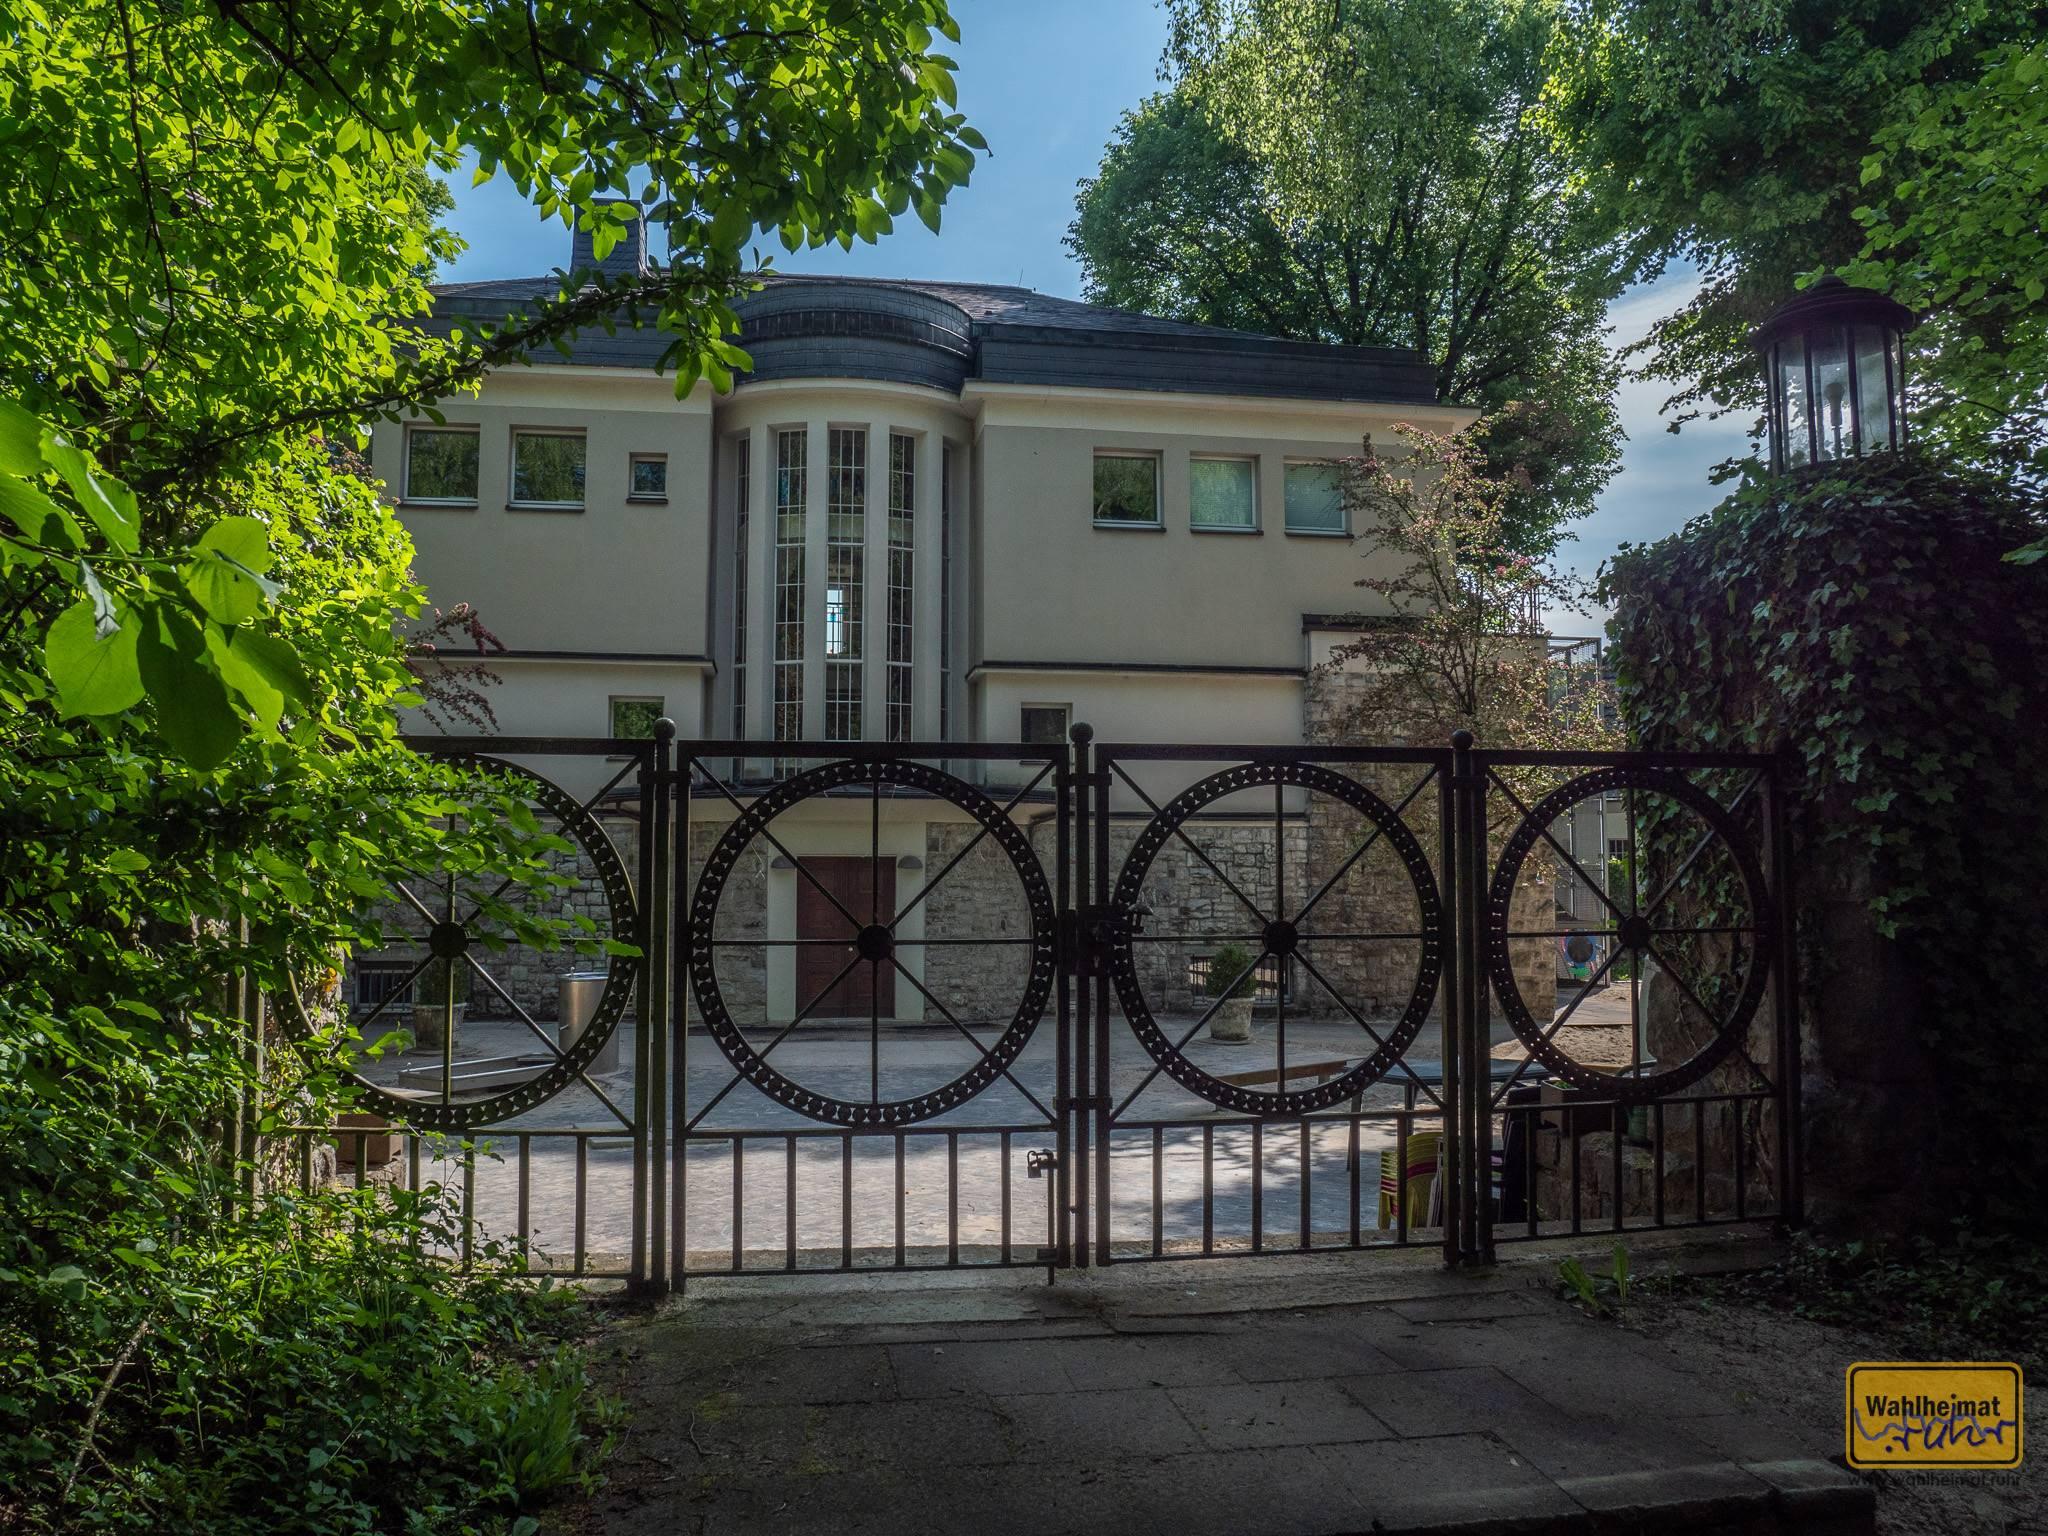 Die Villa Cuno in Hagen (1910) wurde von Peter Behrens für den Bürgermeister Willi Cuno errichtet.